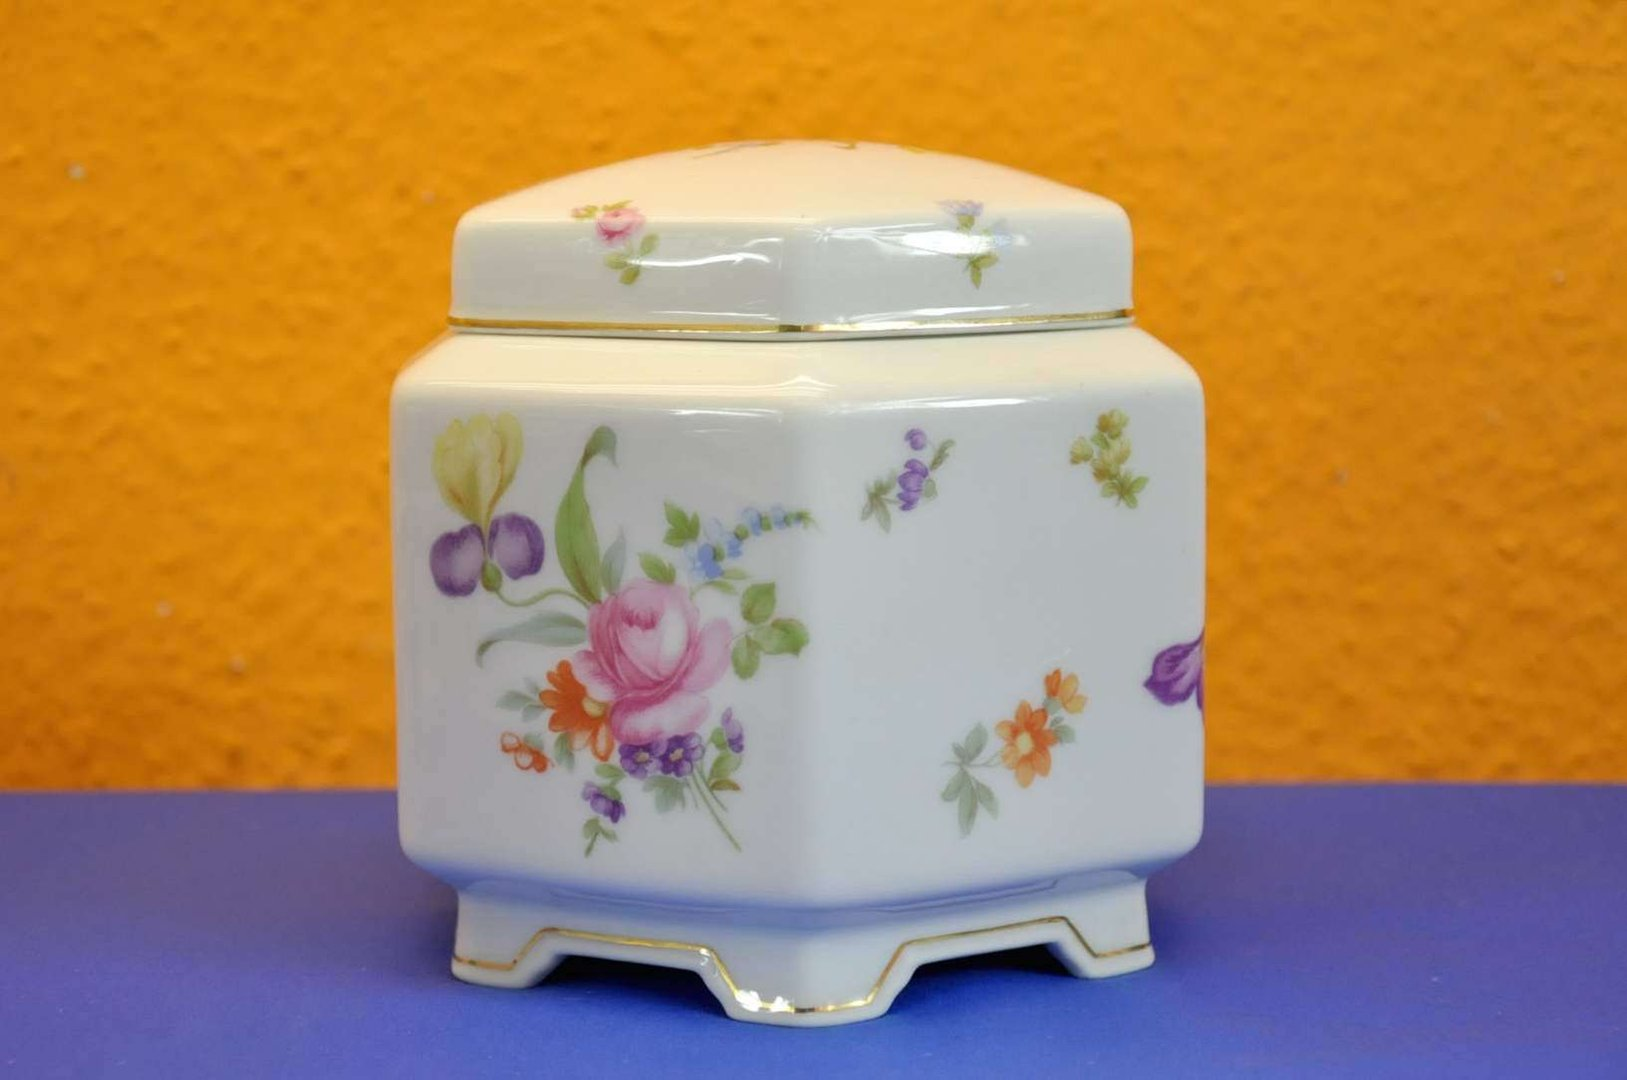 50 Stueck Schmetterling Dekoration Dragee Box fuer Hochzeit Taufe Geburt elfU1M9 Saisonales & Feste Sammeln & Seltenes